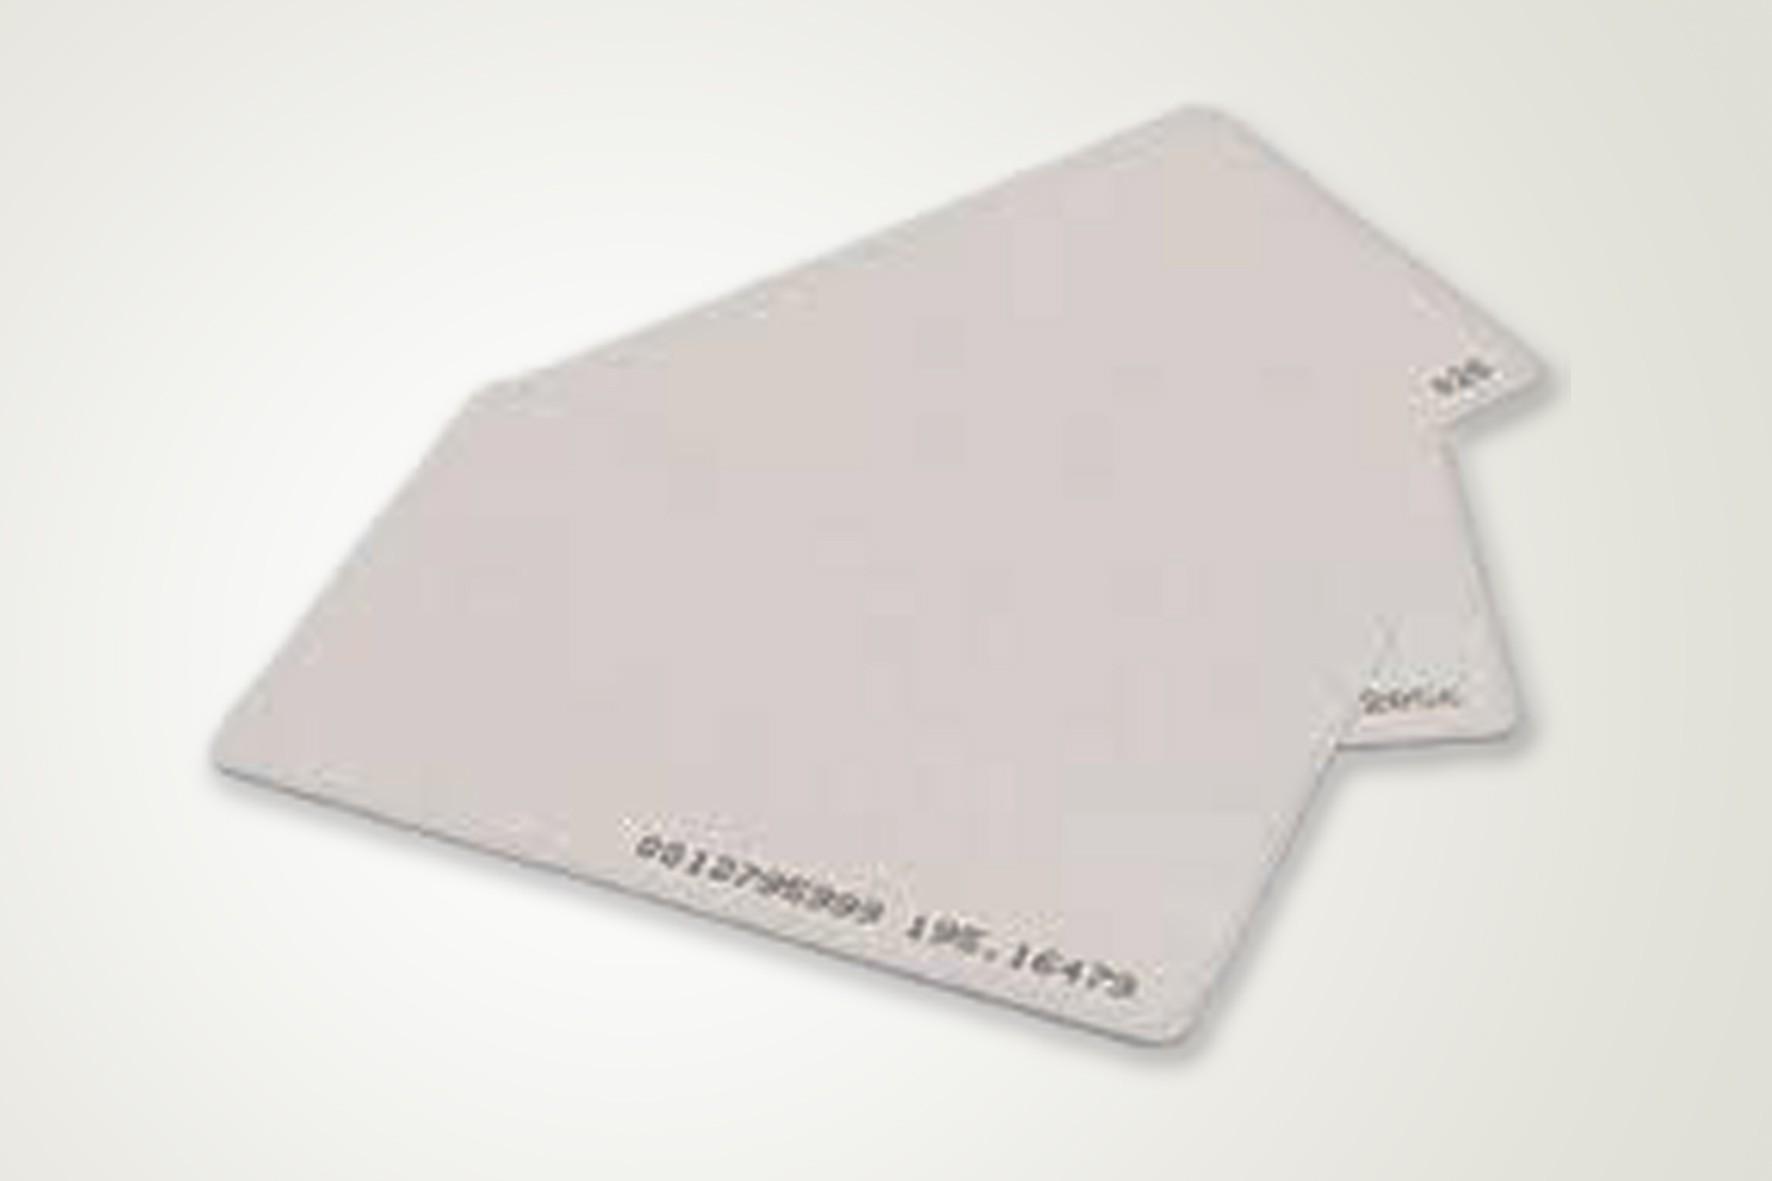 Cartão com Chip de Aproximidade na Vila Roli - Confecção de Cartões São Paulo